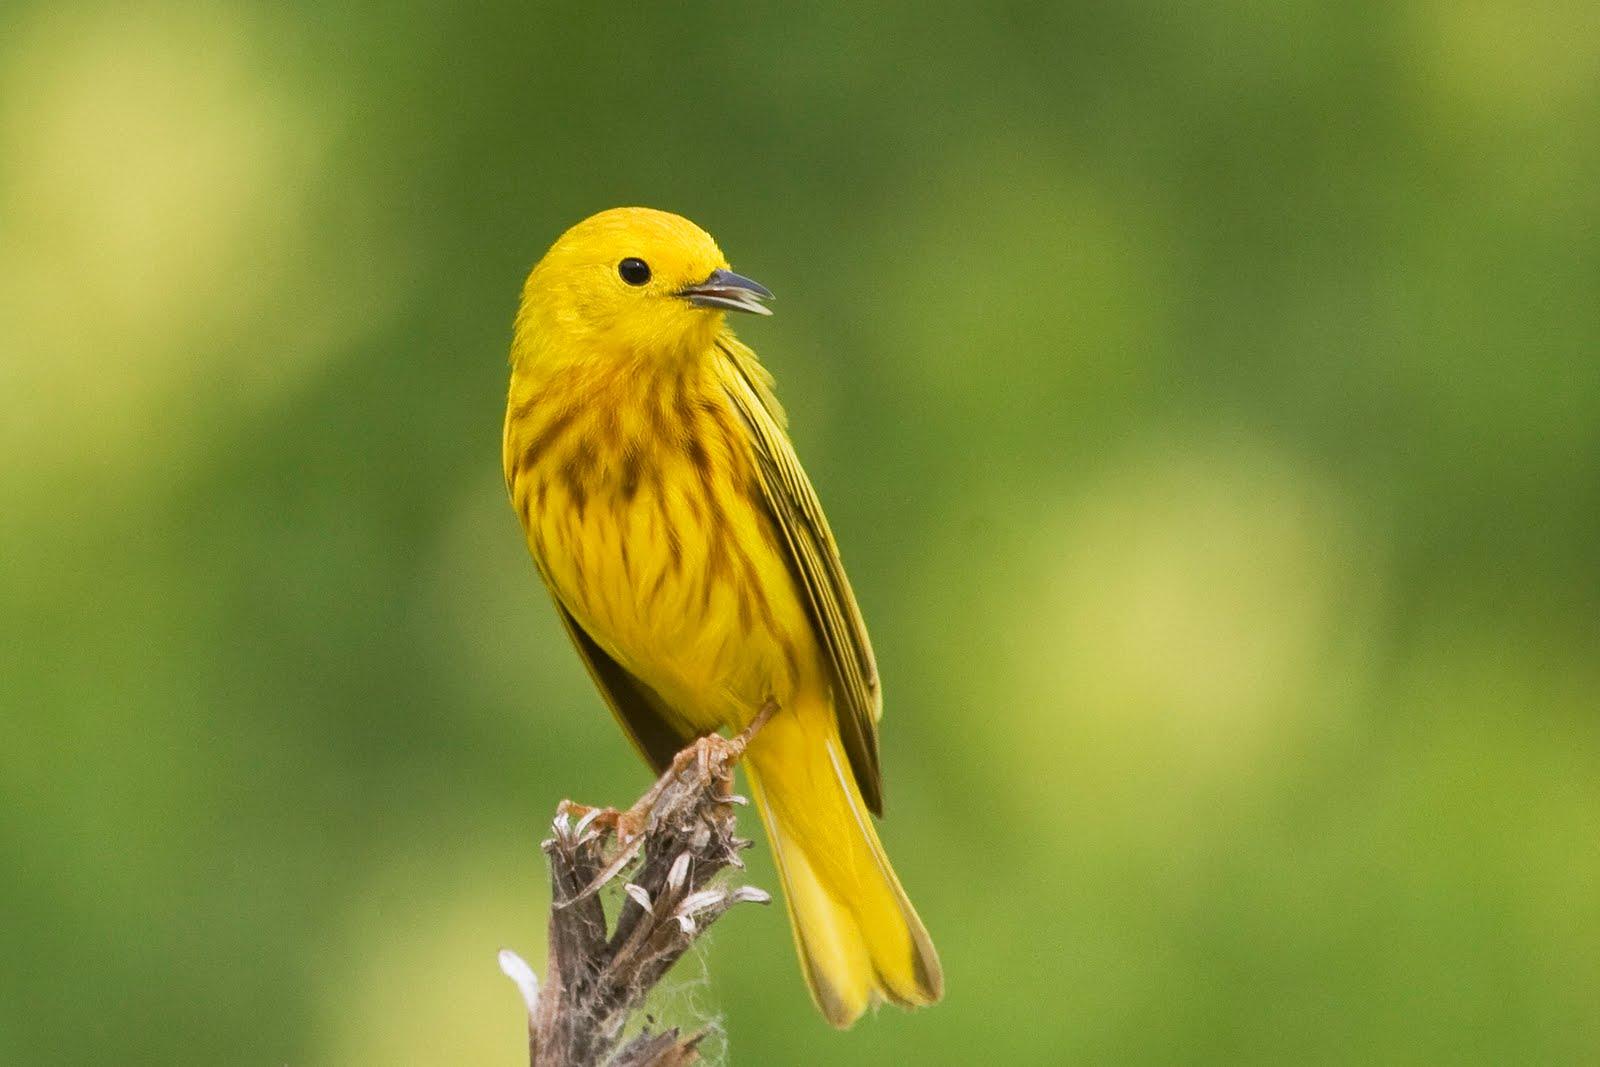 Hình nền Chim 03yellowwarblerbird